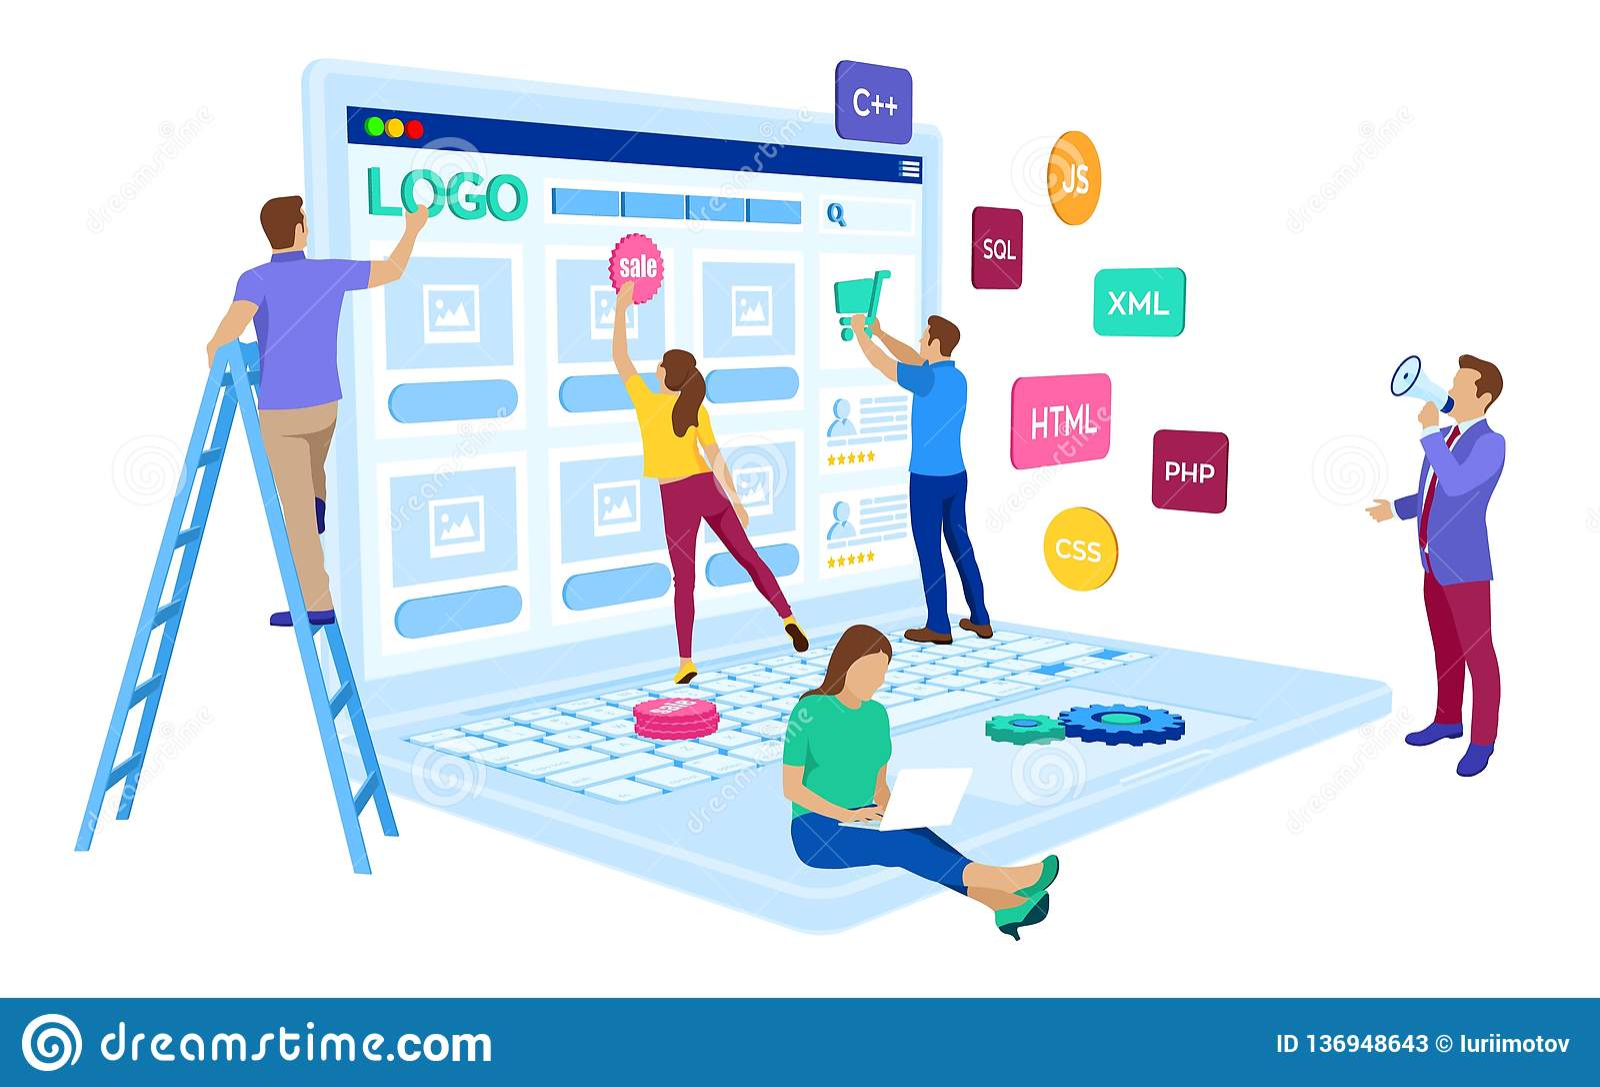 Desarrollo web El equipo de proyecto de ingenieros para el sitio web crea Edificio de la página web Diseño de UI UX Caracteres en